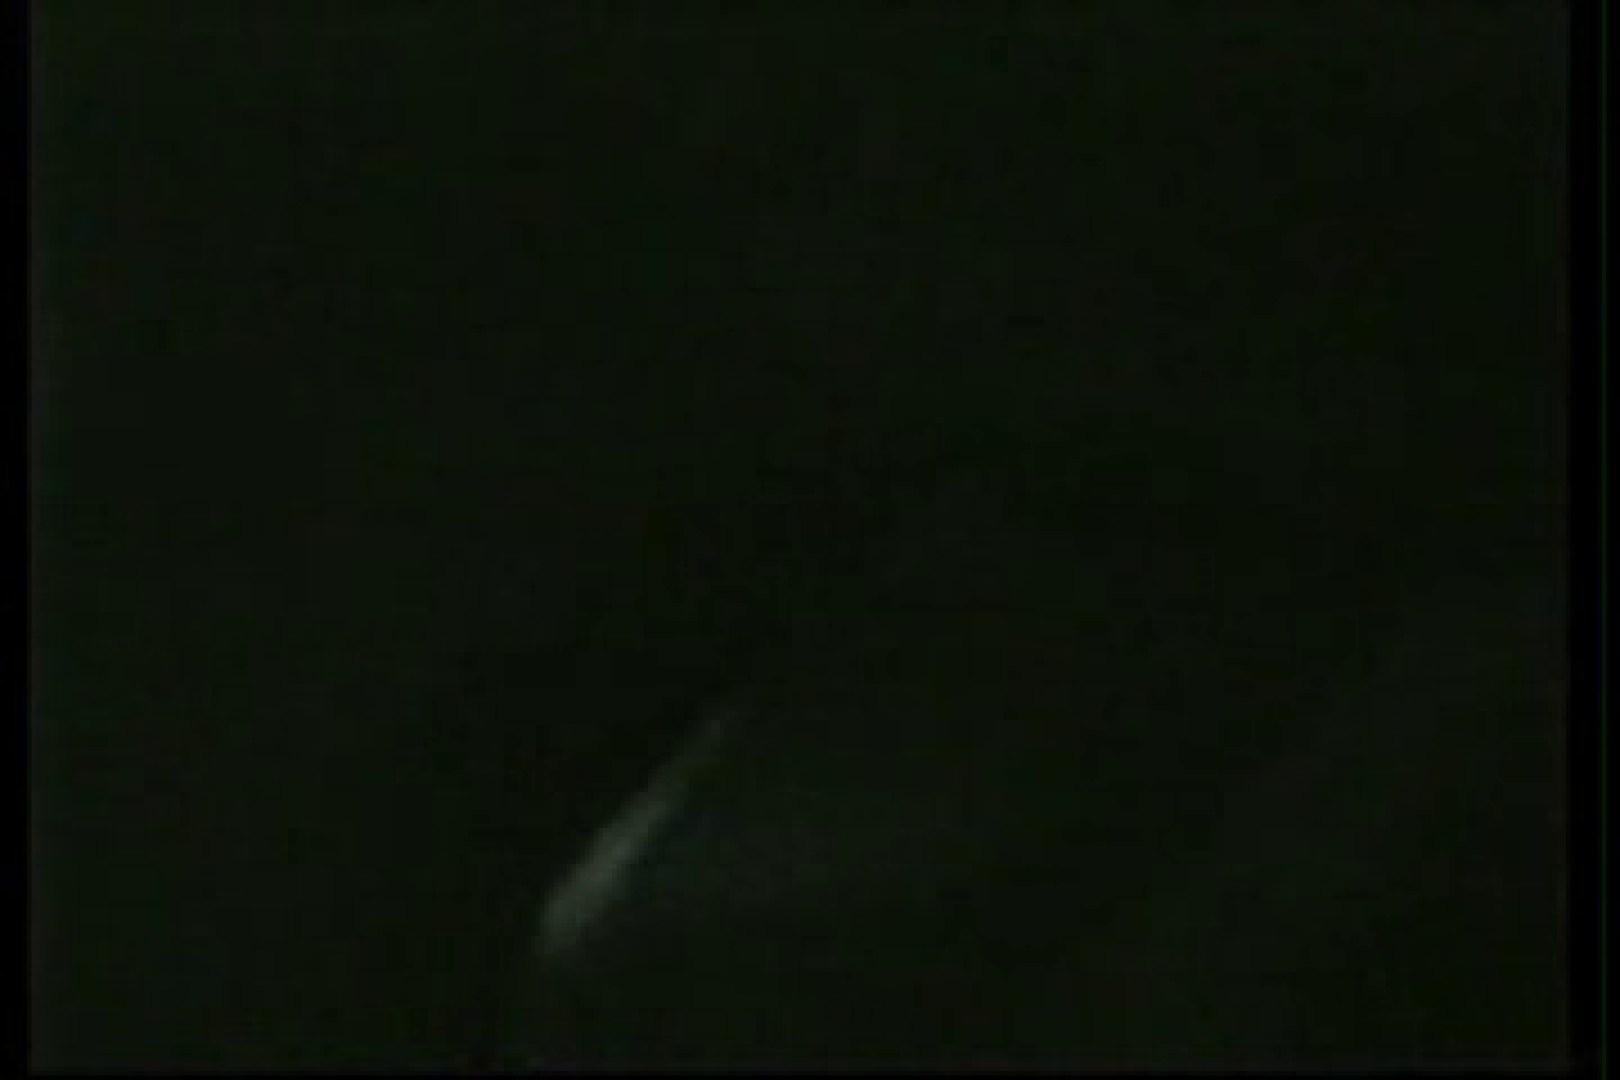 【実録個人撮影】男の子達の禁断の愛欲性活!!vol.02(対女性アナル責め) 個人撮影 ゲイエロ画像 105枚 64